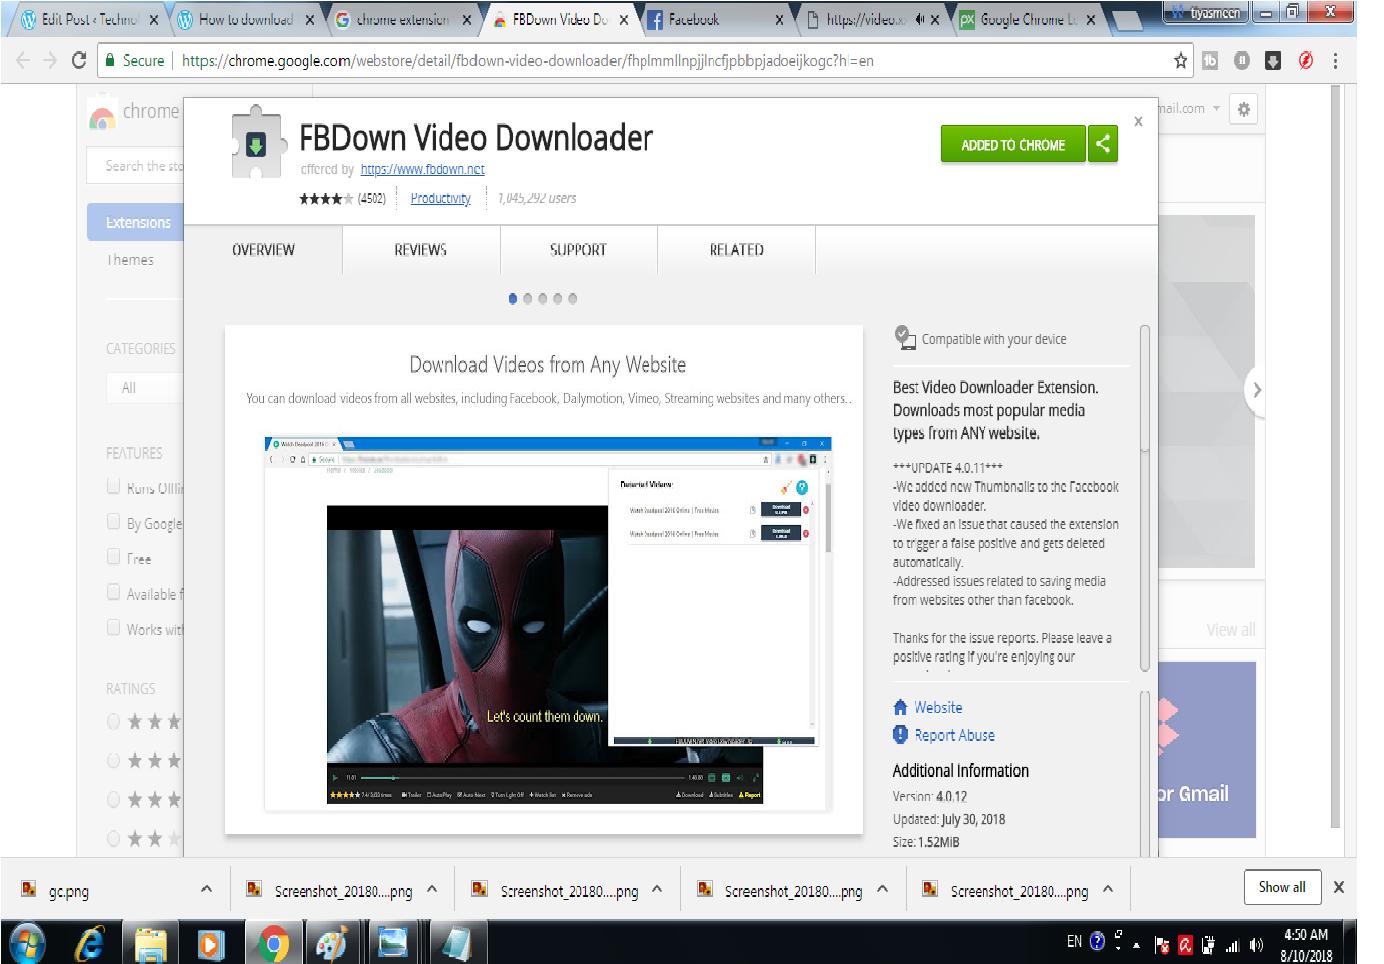 Bandhan bhojpuri movie 3gp free download